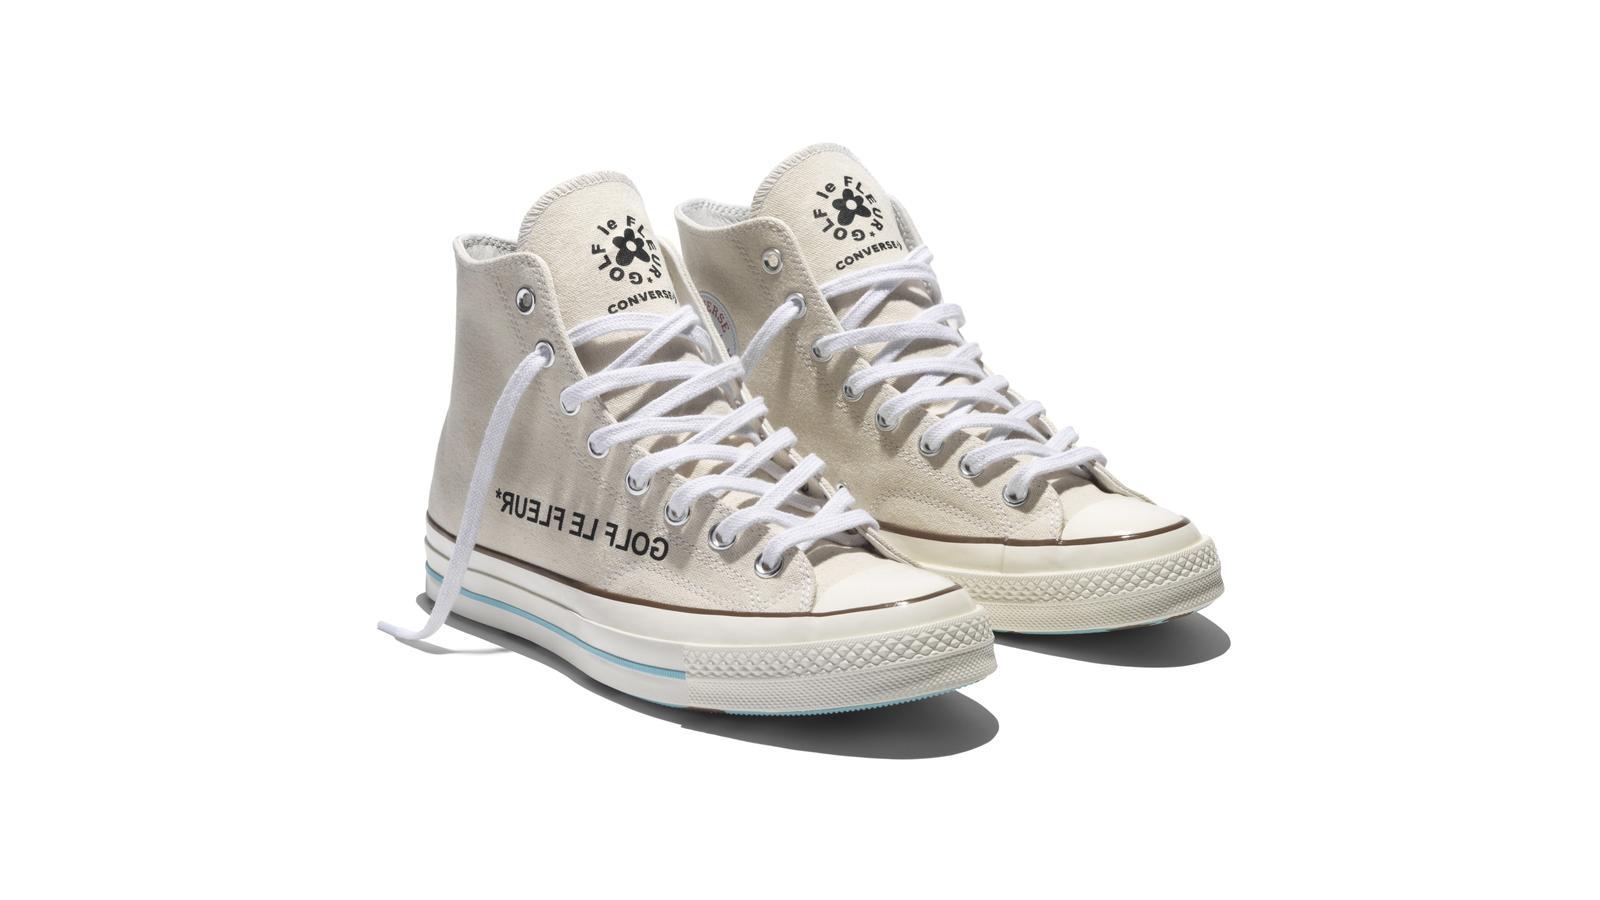 Converse GOLF le FLEUR* One Star Chuck 70 - Nike News